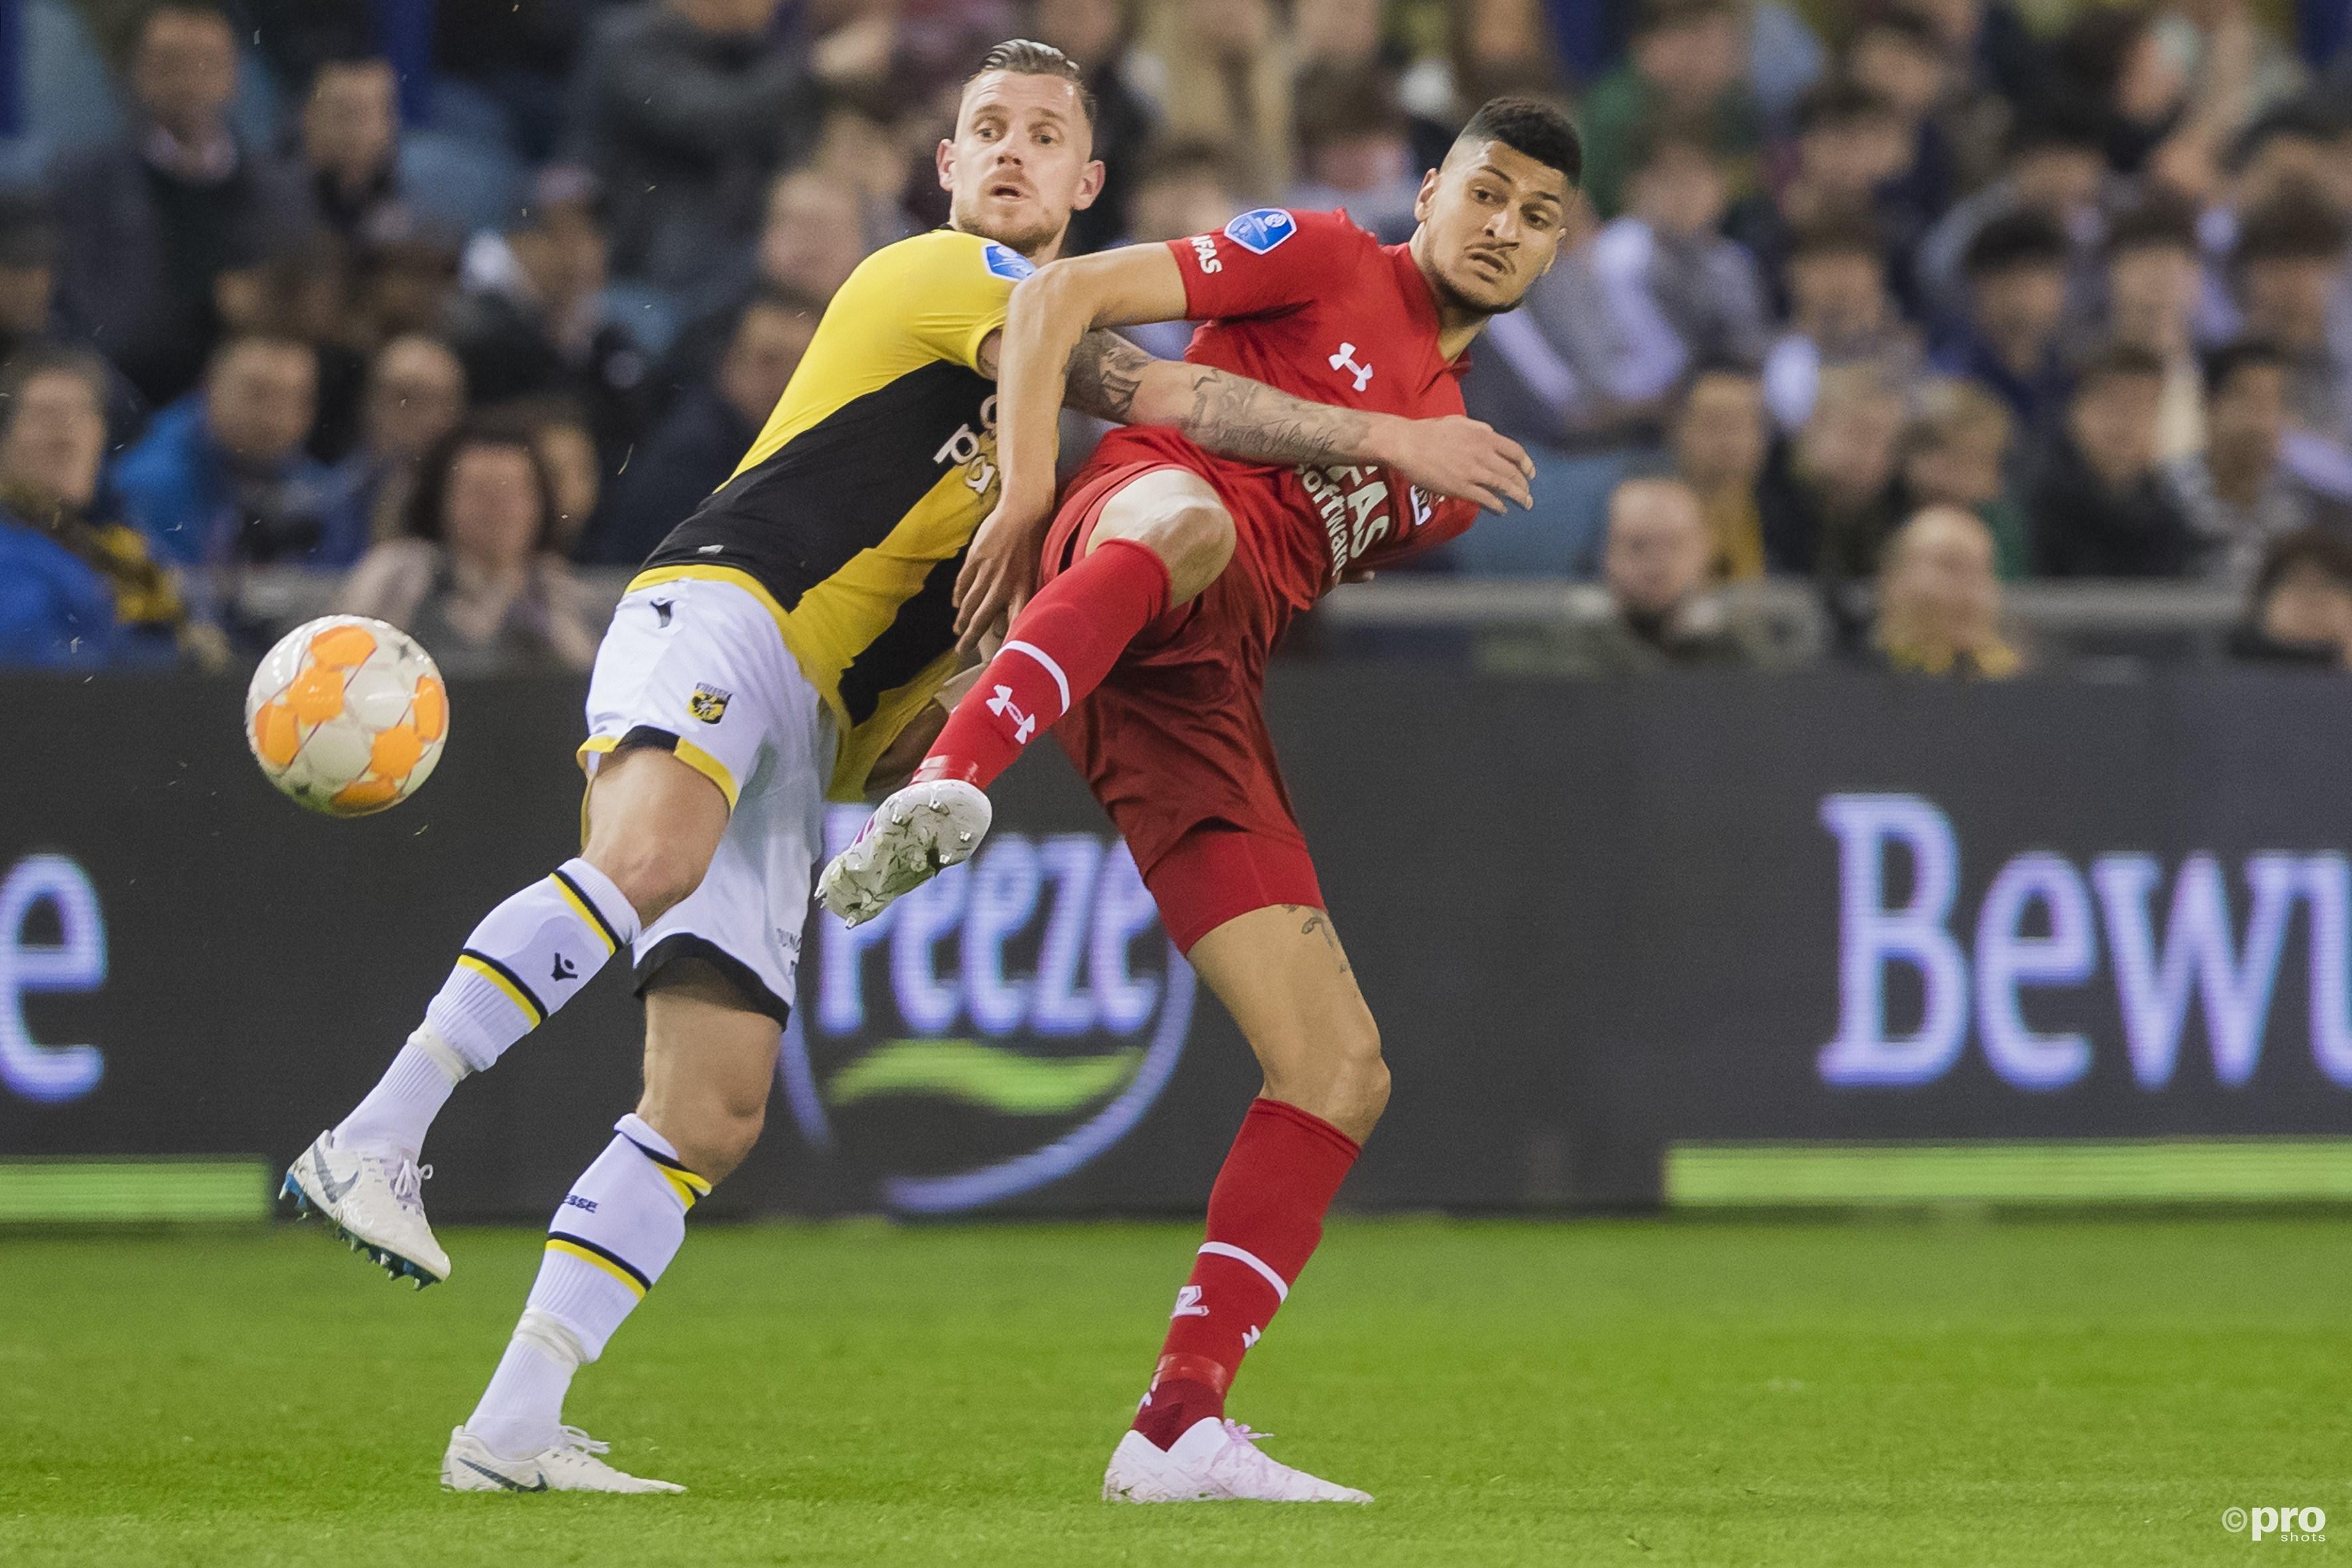 Maikel van der Werff in duel met Bjorn Johnsen. (PRO SHOTS/Erik Pasman)